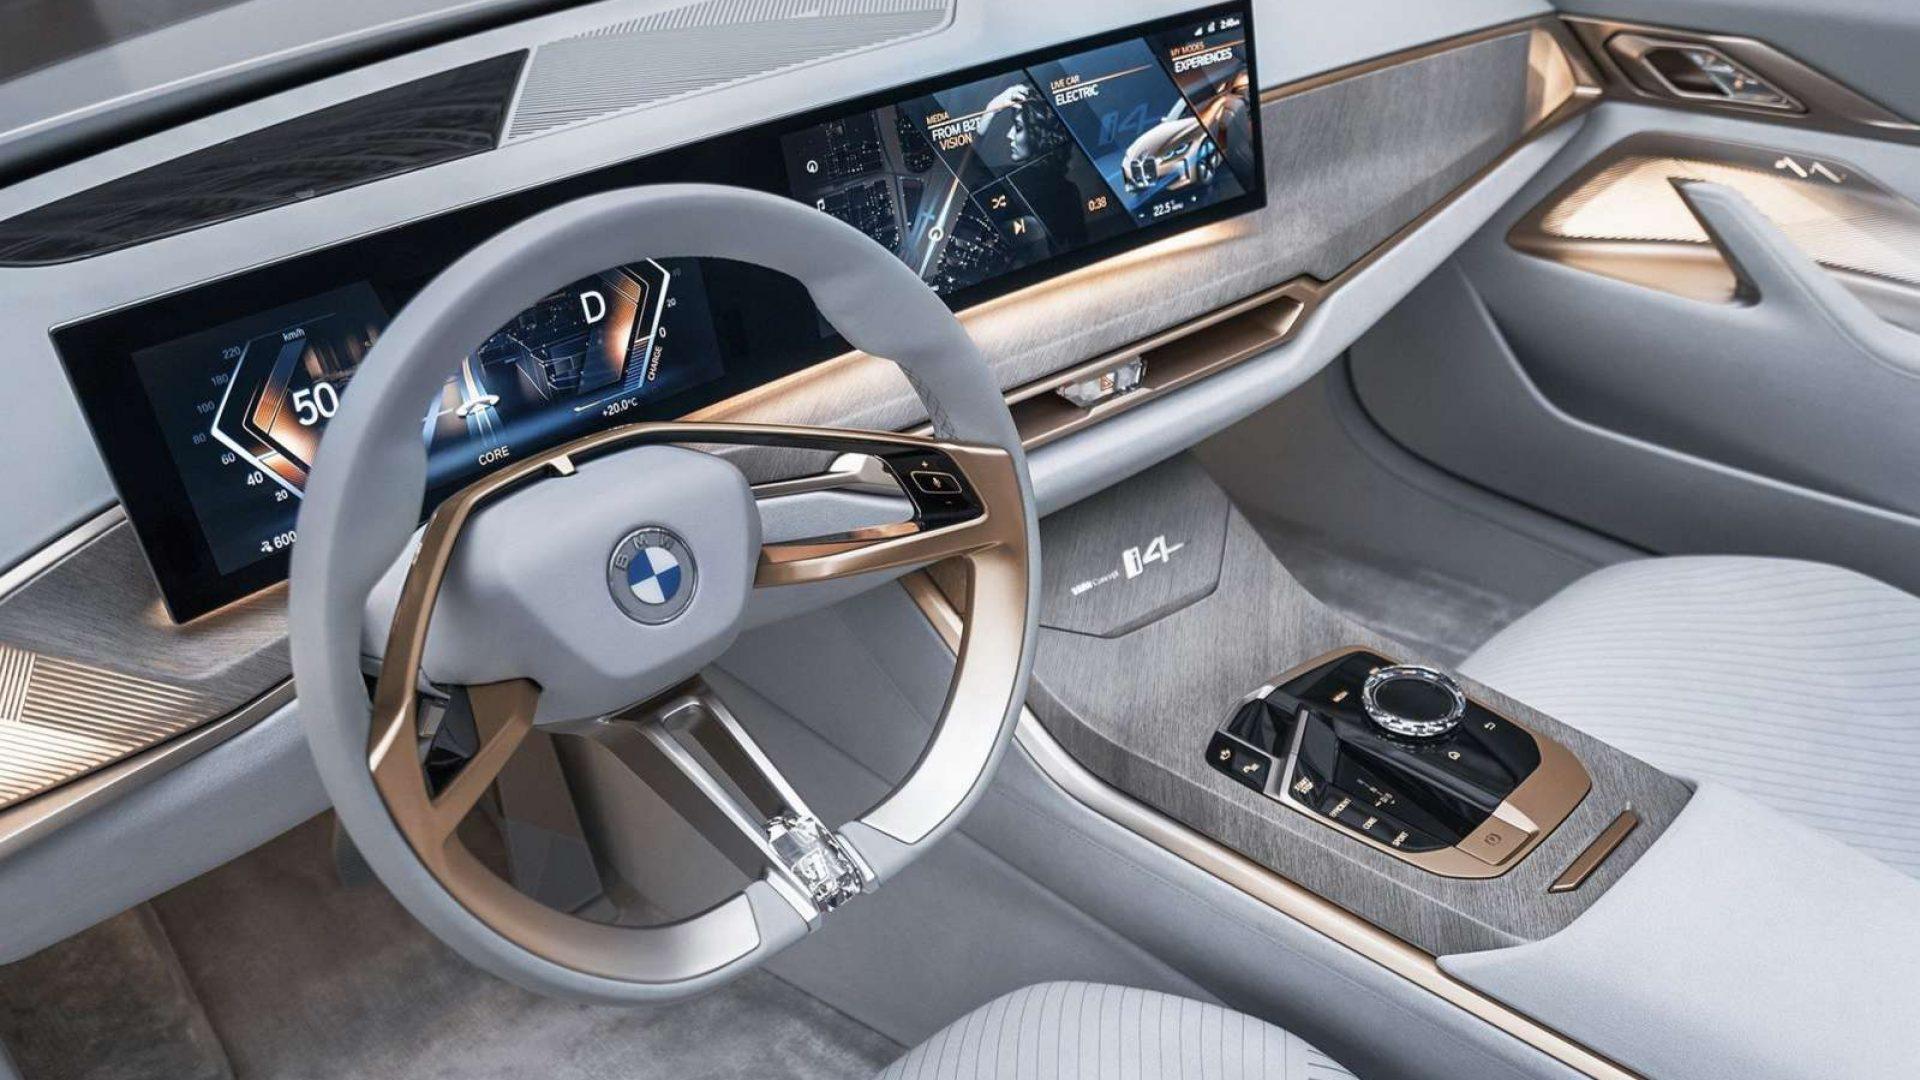 2020-BMW-Concept-i4-Interior-03